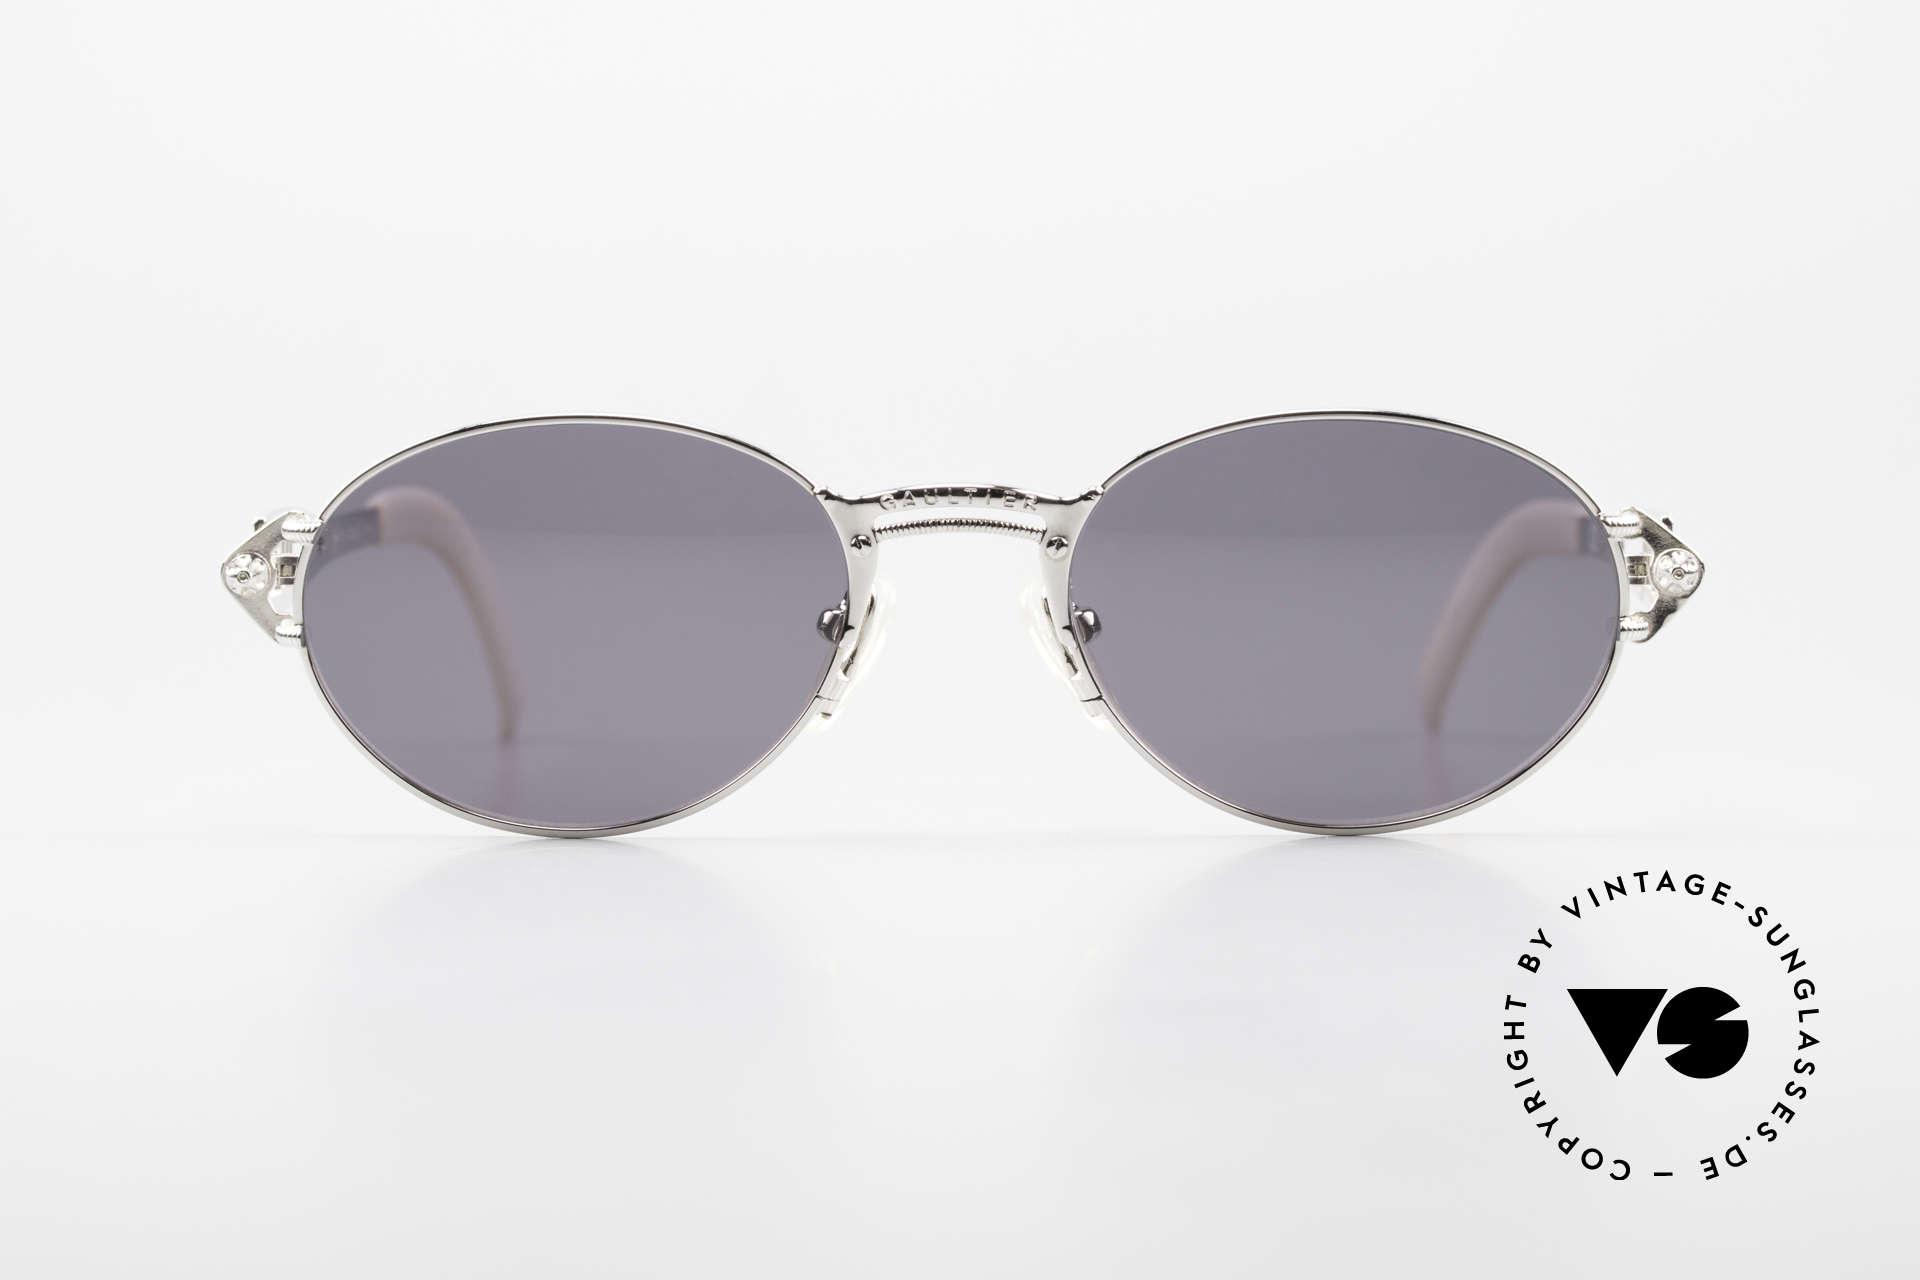 Jean Paul Gaultier 56-6101 Kult Designerbrille Industrial, Premium-Qualität wie aus einem Guss (made in Japan), Passend für Herren und Damen